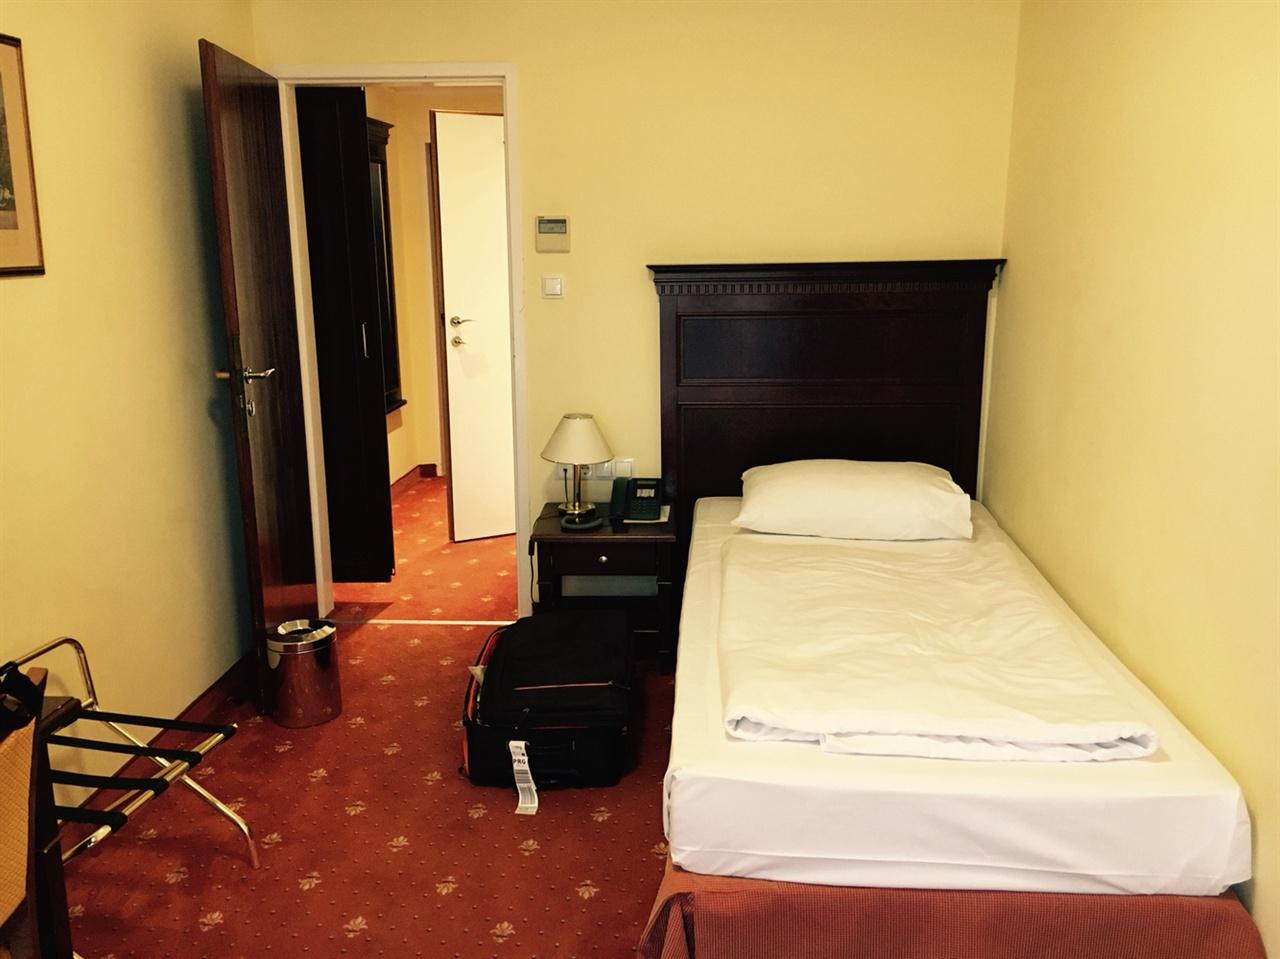 프린츠 오이겐 호텔 객실의 모습